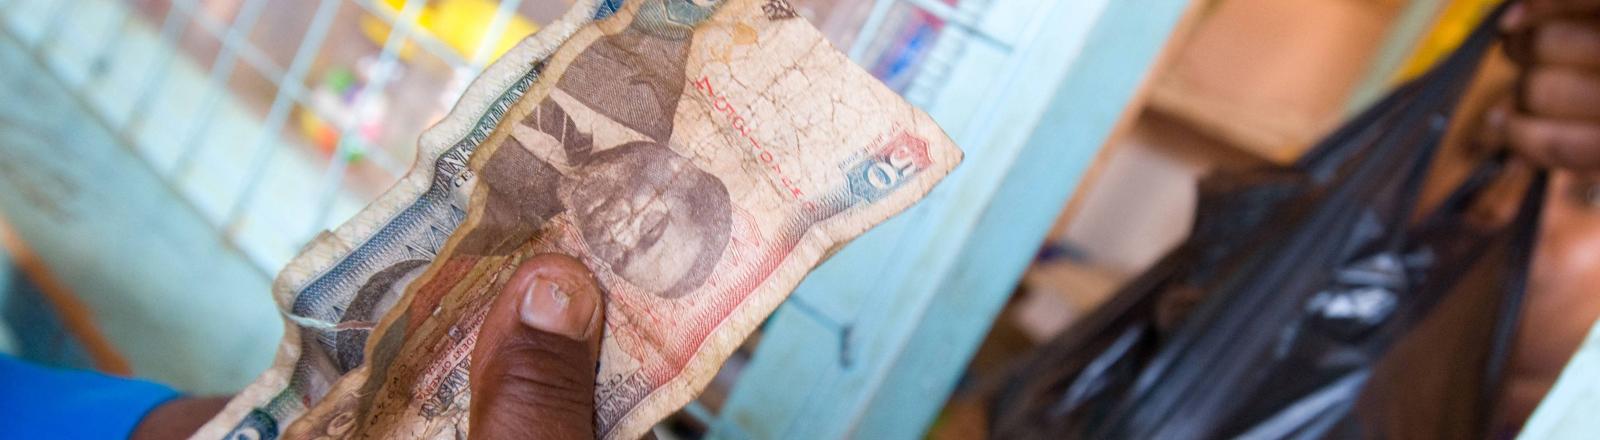 Eine Person zahlt mit kenianischen Schilling für Saatgut.